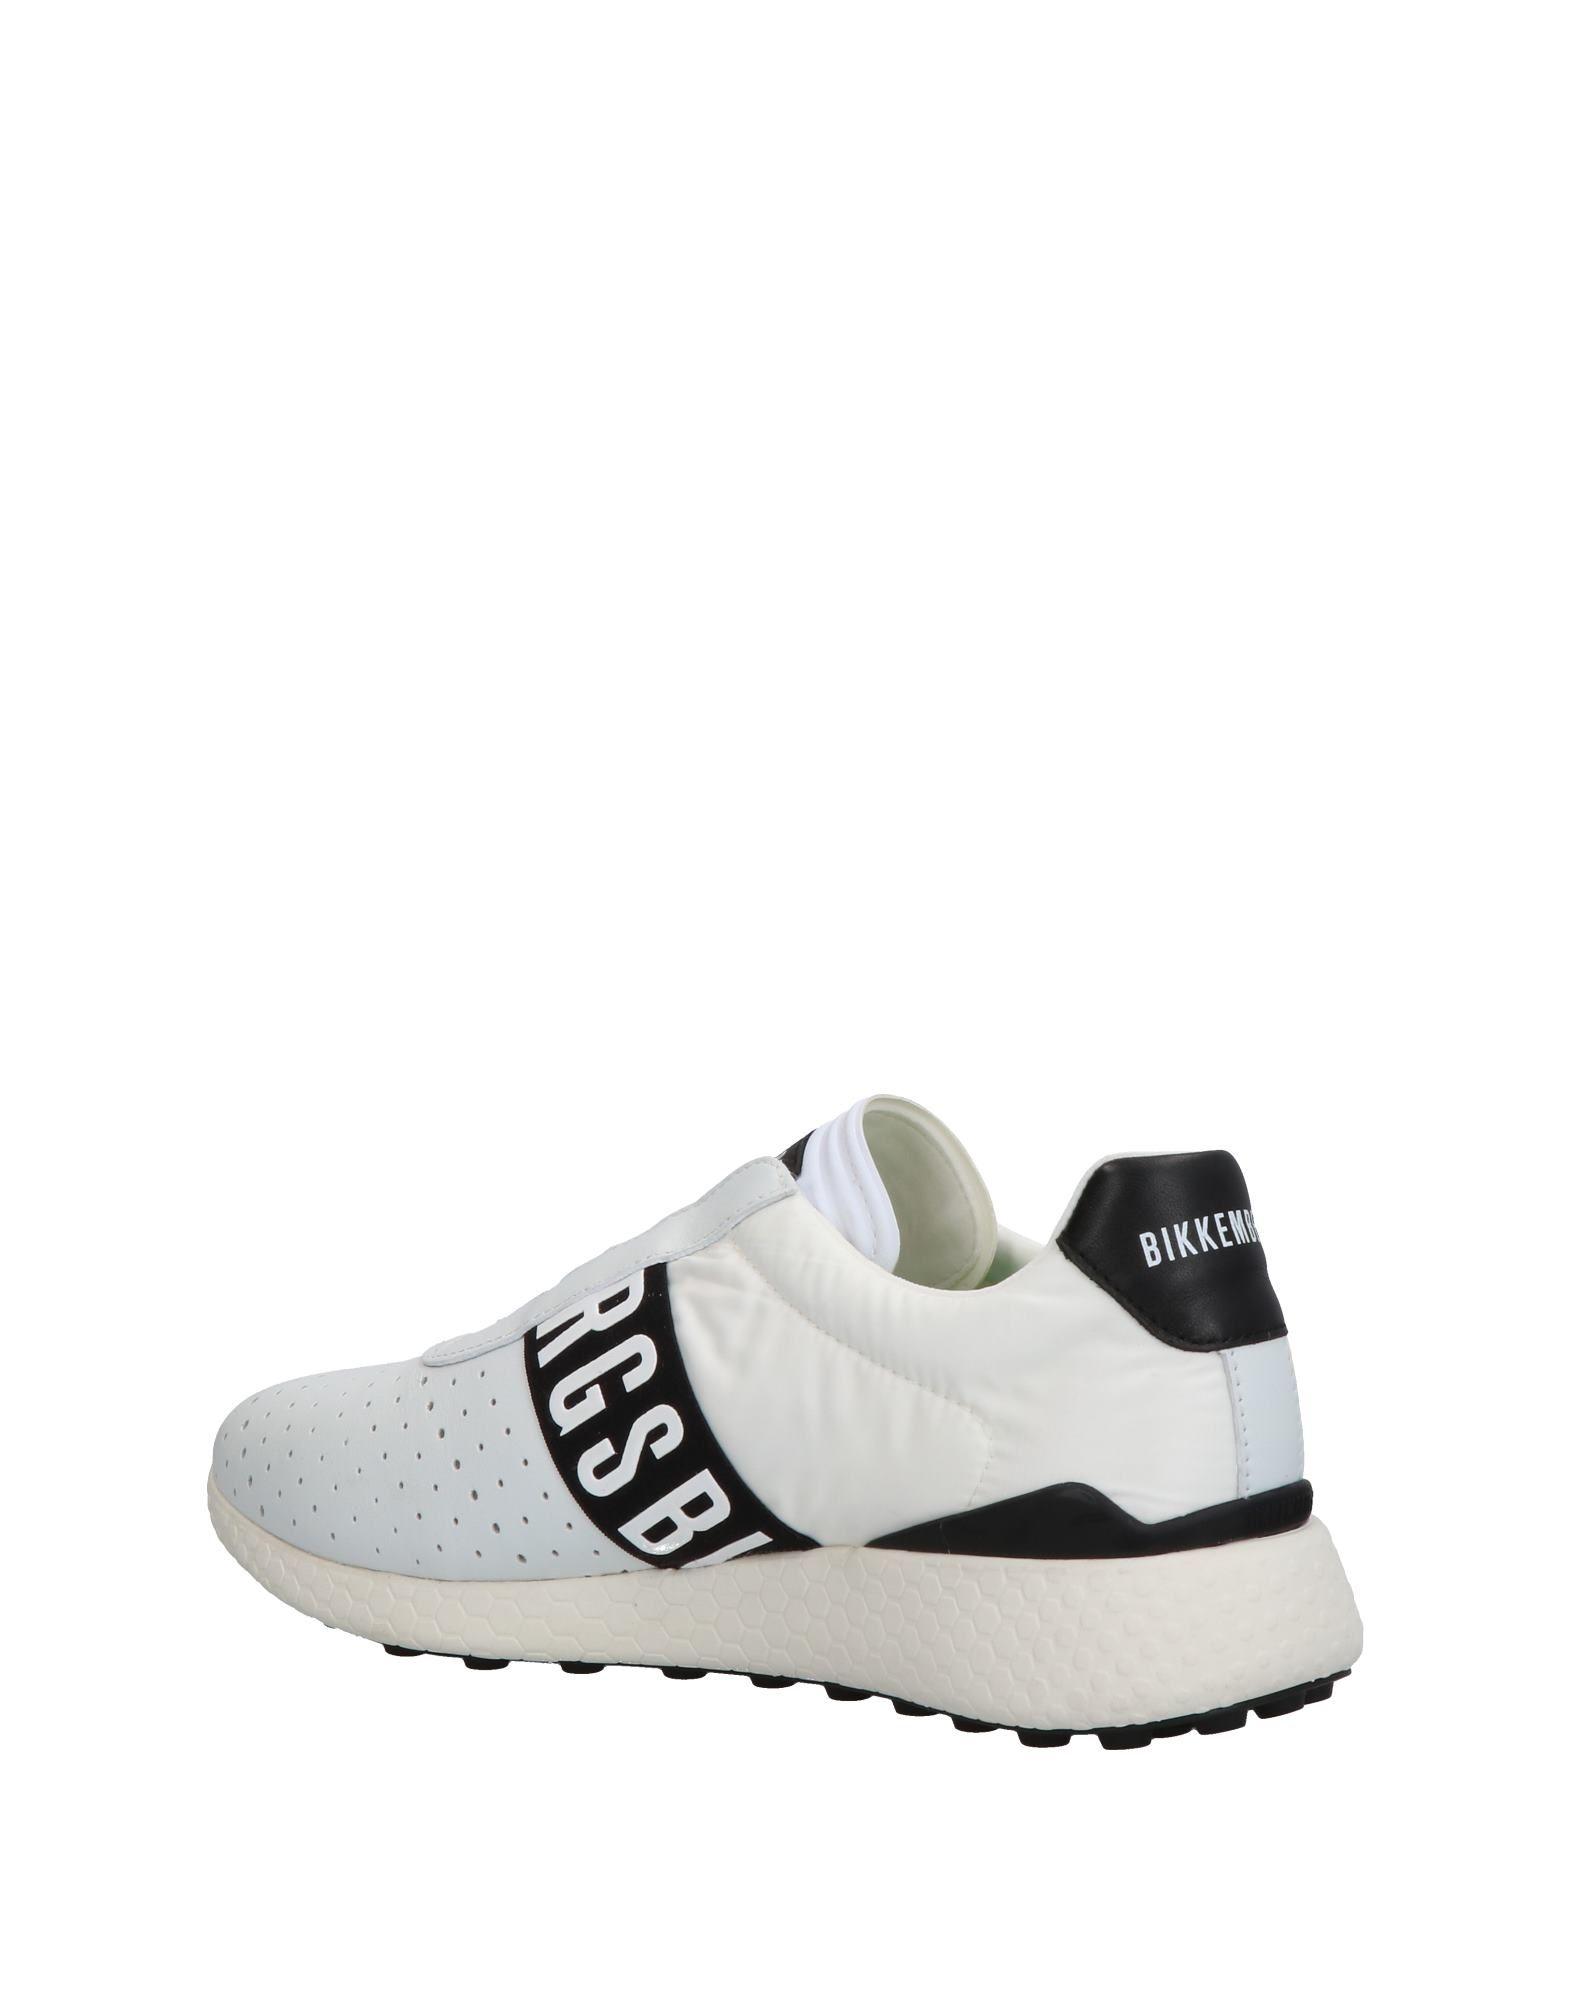 Bikkembergs Heiße Sneakers Herren  11332049KQ Heiße Bikkembergs Schuhe a97d37